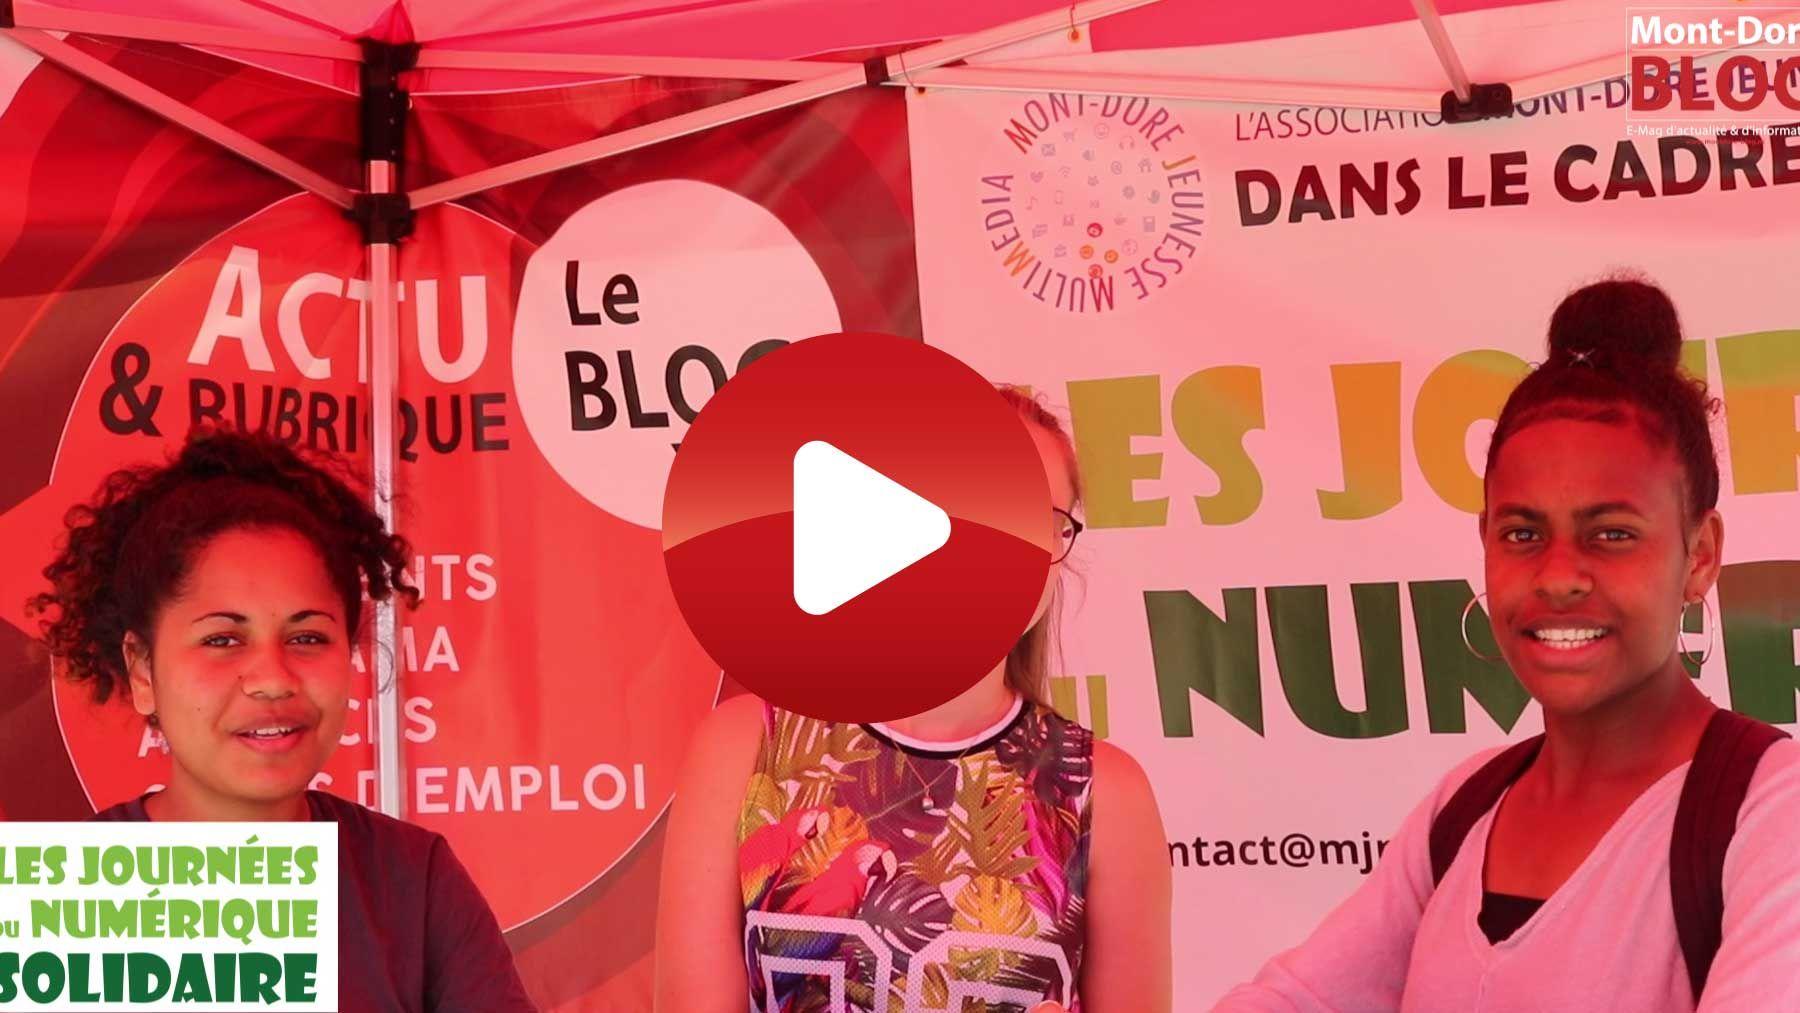 JNS 2019 ITW MDB 03 6srnleq05q9074hhlynakkduw2b7koyxw17ol7uws40 Les journées du Numérique Solidaire du 16 au 24 Novembre 2019